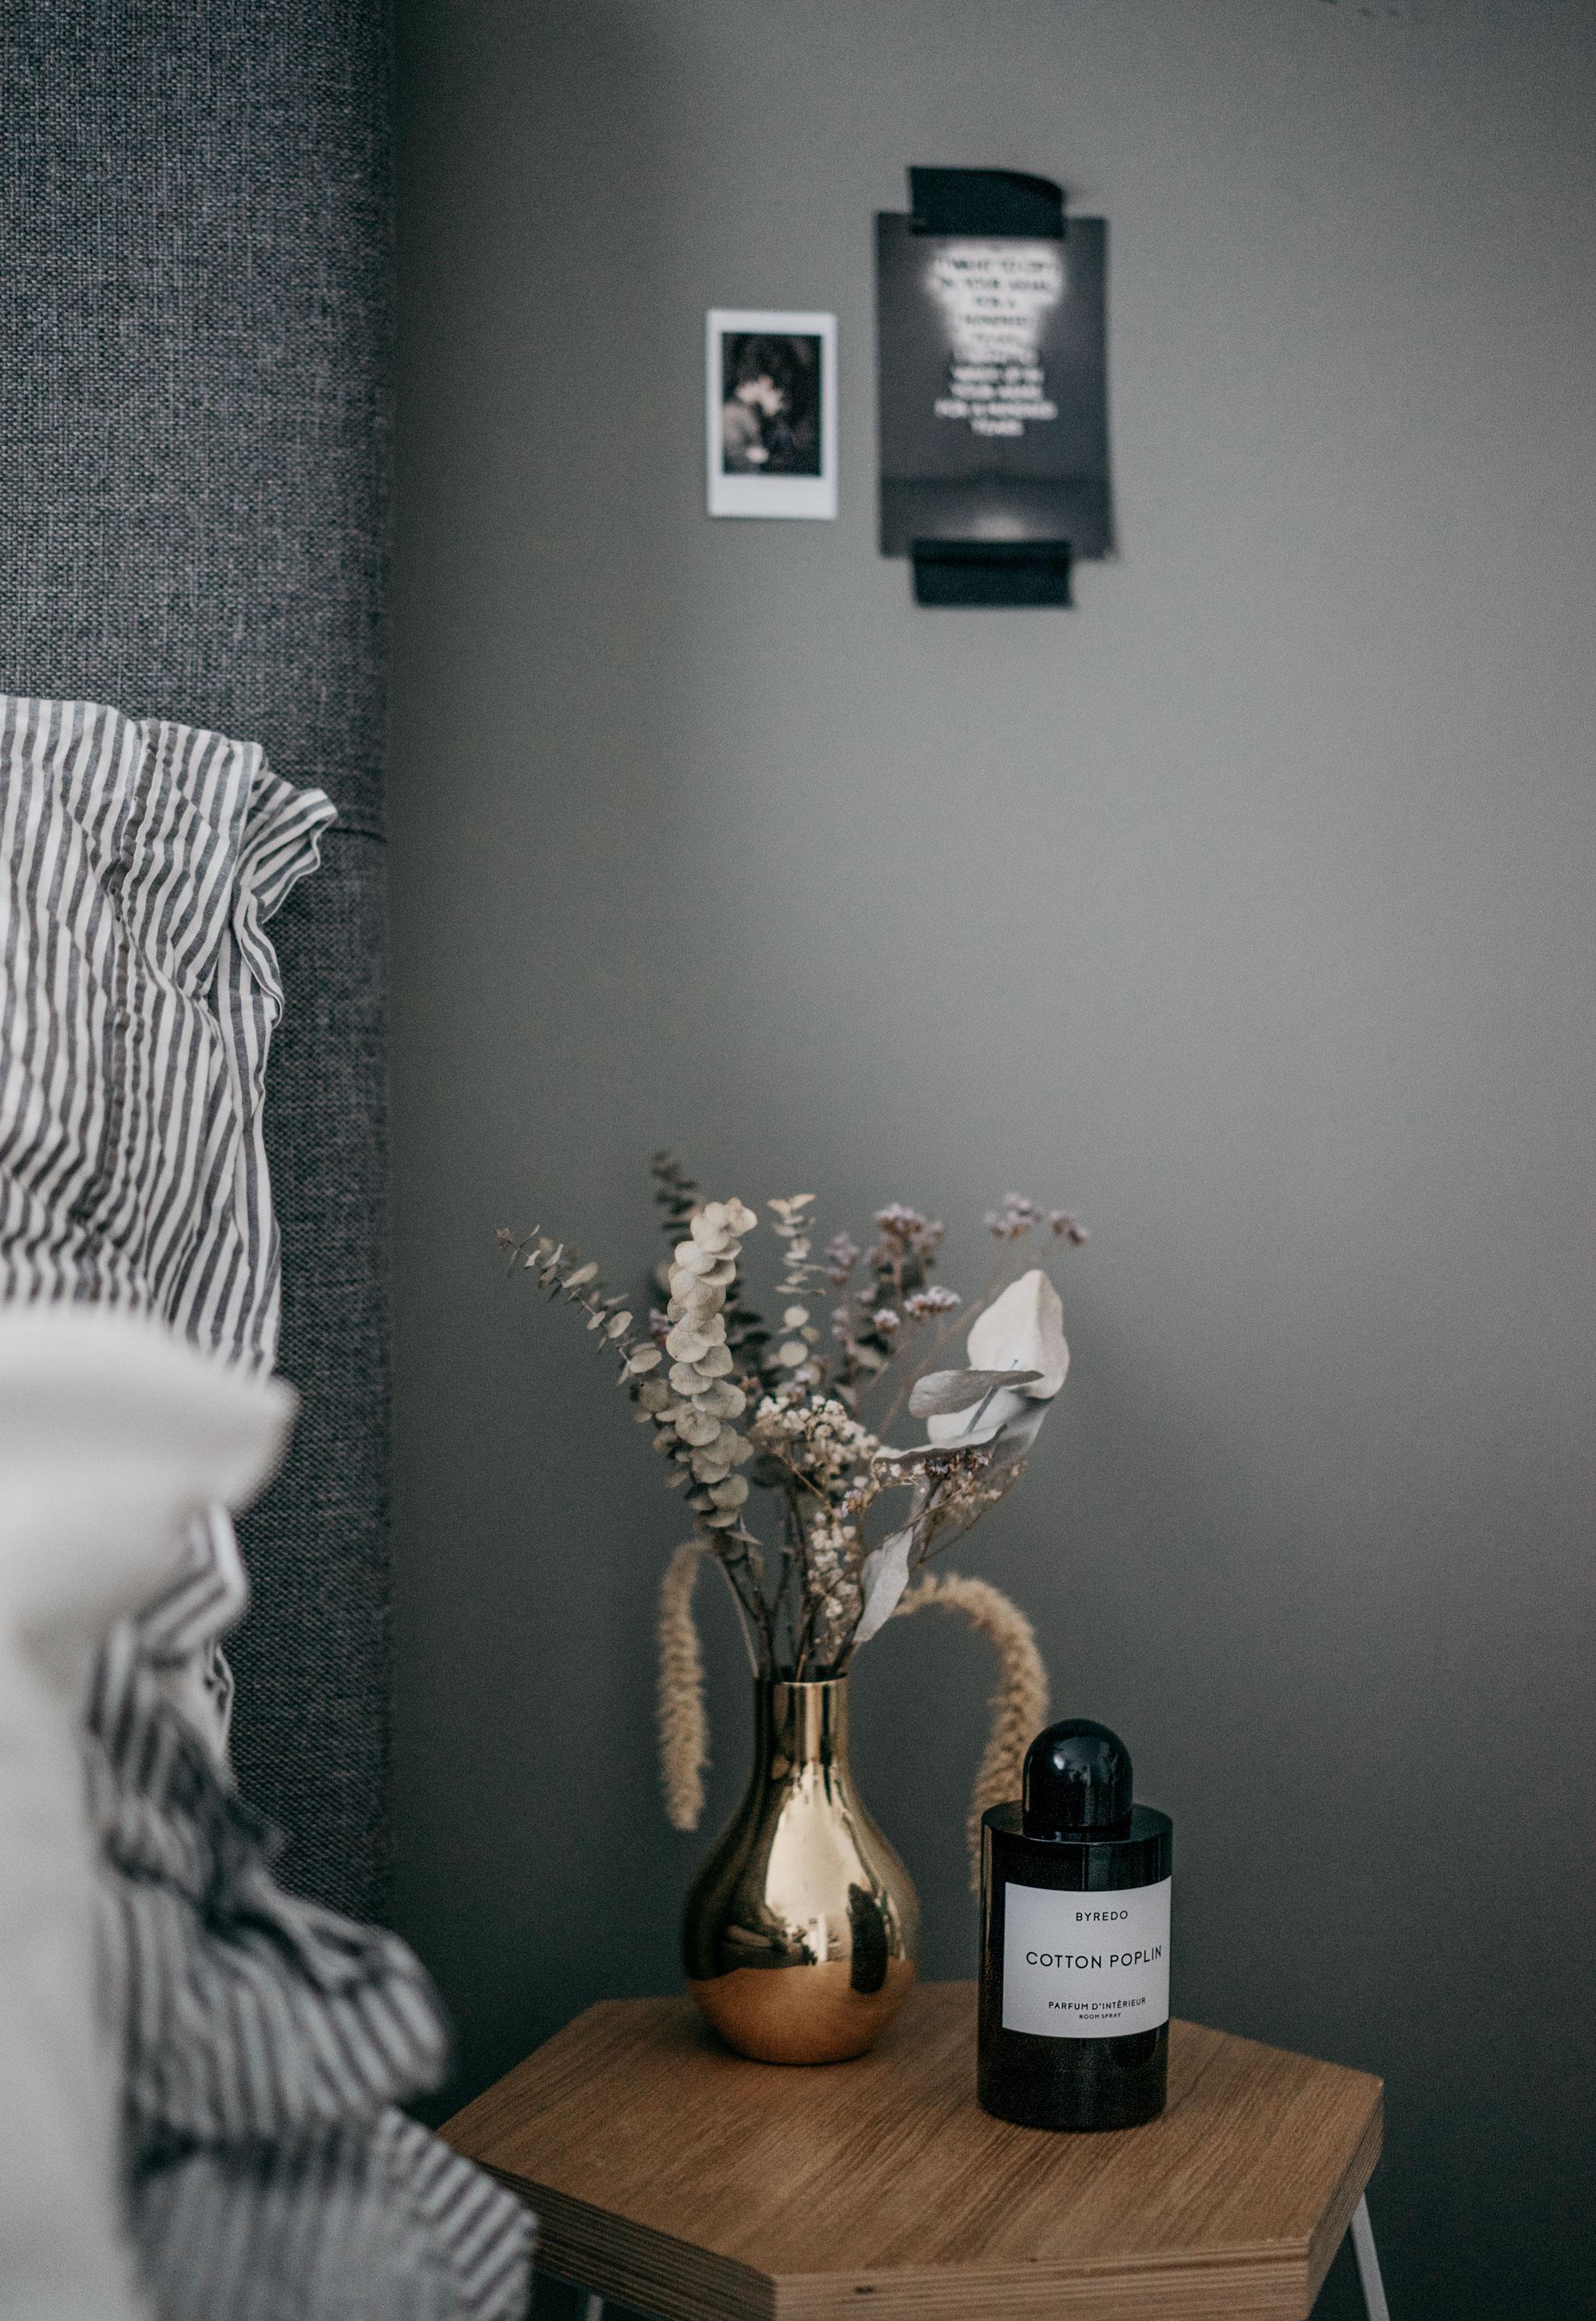 Lieblingsprodukte einer Bloggerin | Beauty & Kosmetik | Testsieger | Empfehlung | Parfum